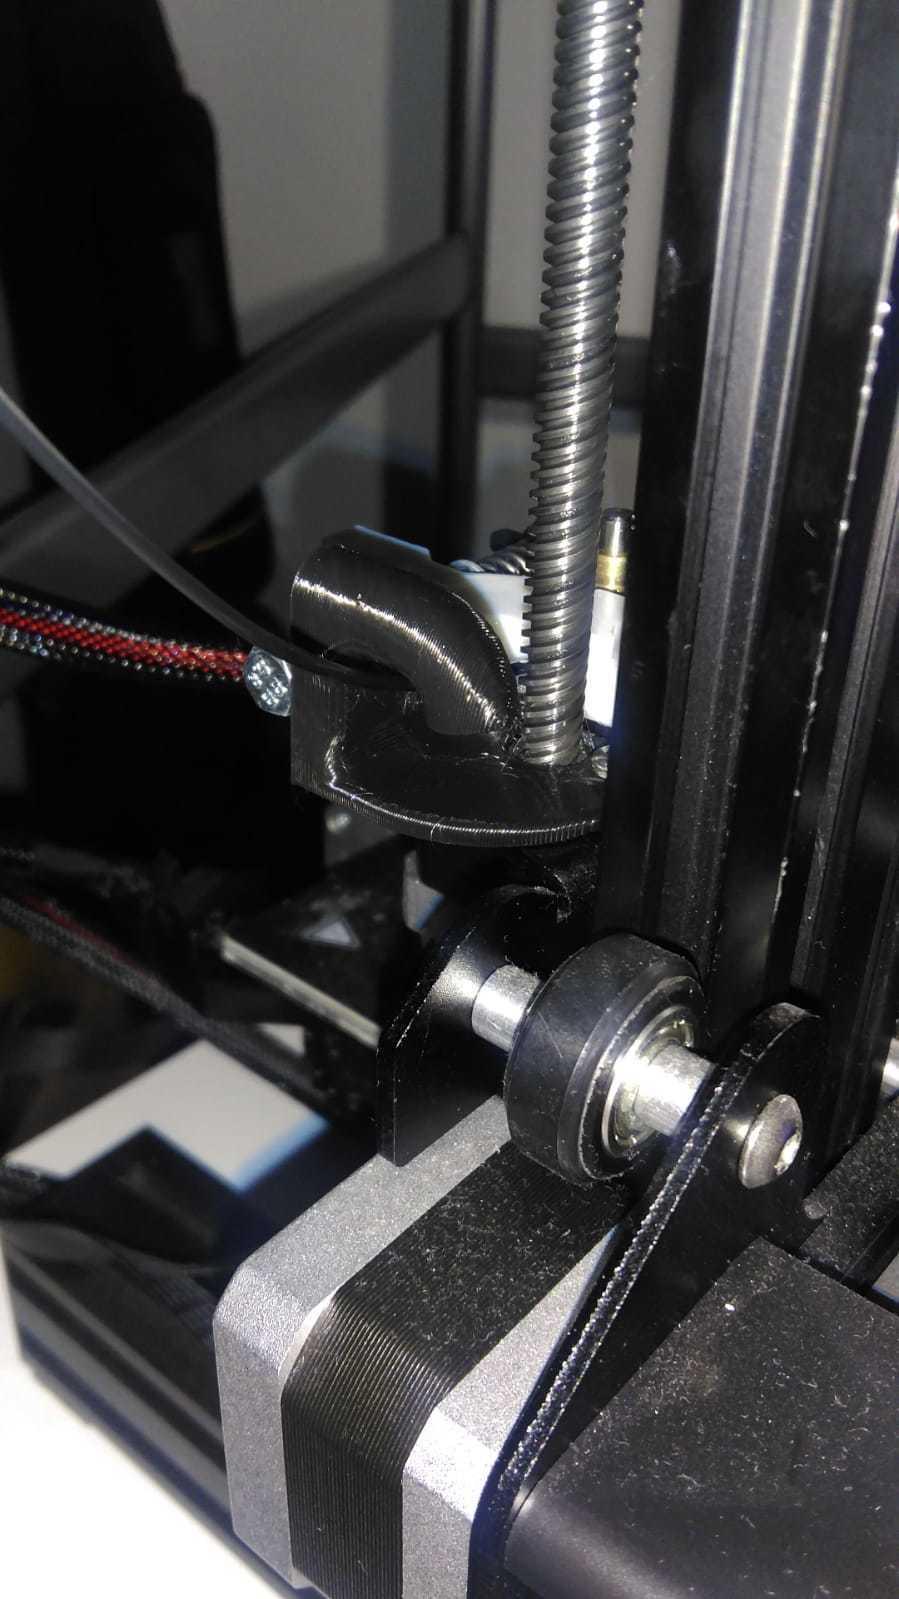 SOPORTE POLEA EXTRUSOR V2.4.jpeg Télécharger fichier STL gratuit GUIDE DU FILAMENT Ender 3 • Plan pour impression 3D, ricgtena